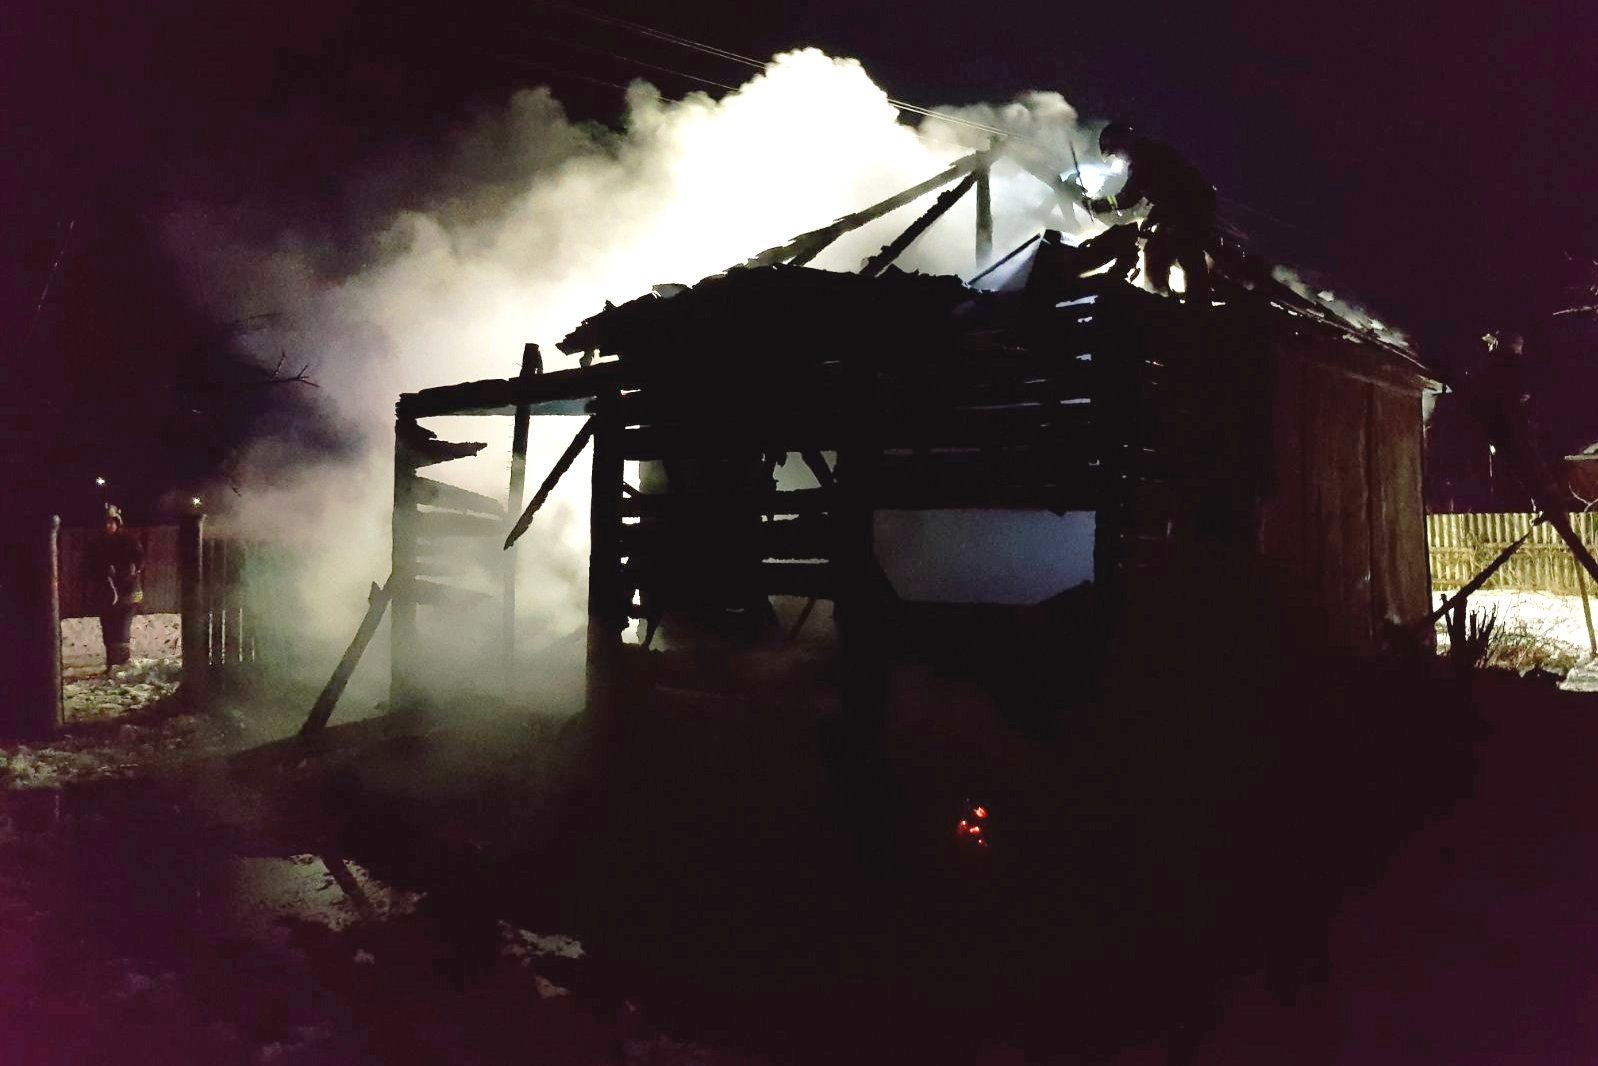 На Чернігівщині упродовж доби рятувальники ліквідували 3 пожежі та двічі залучалися до аварійно-рятувальних робіт (Фото)